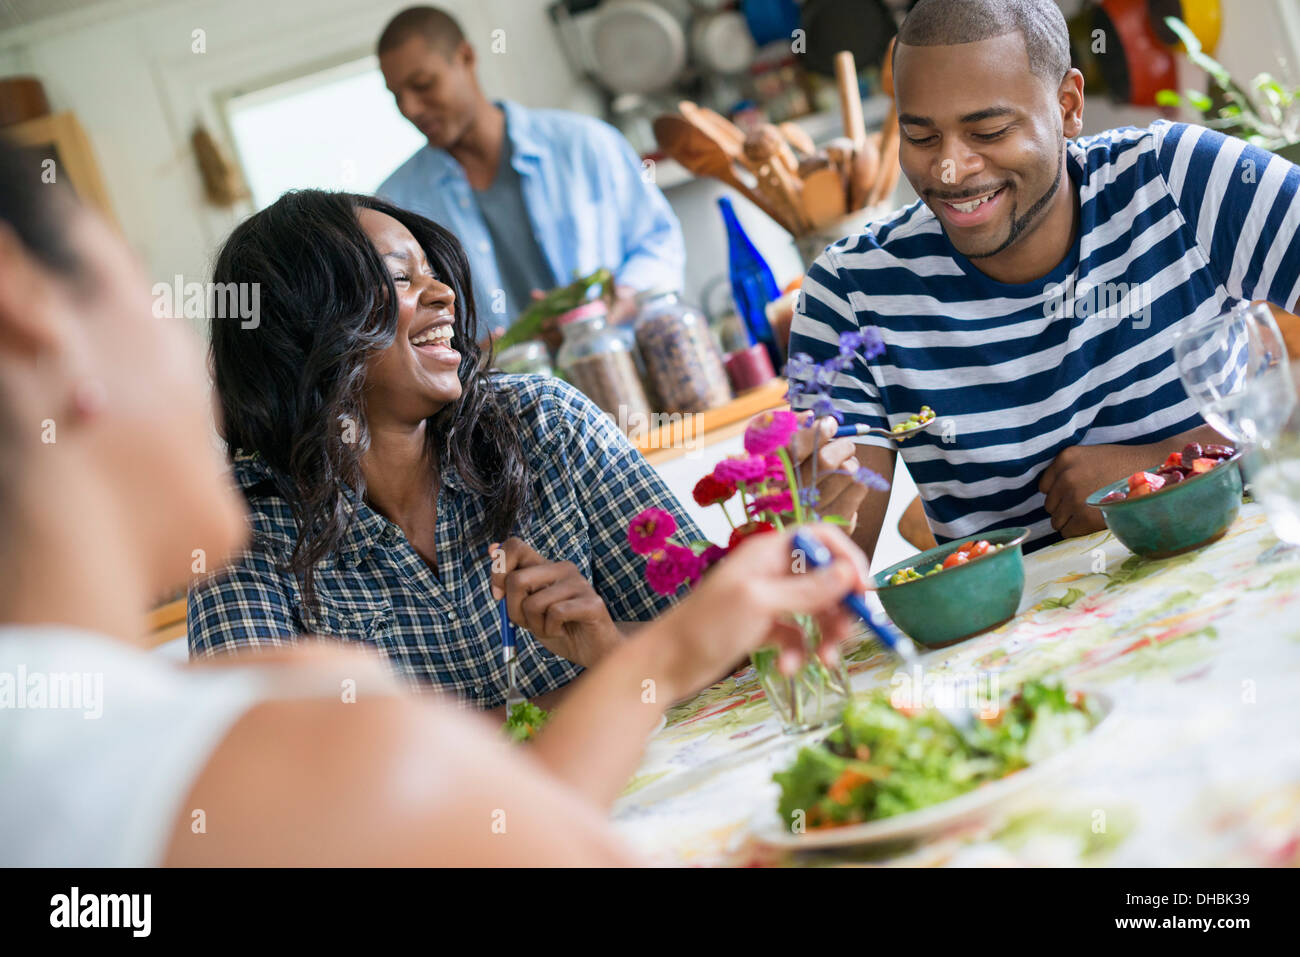 Un groupe de femmes et des hommes à un repas dans une cuisine de la ferme. Photo Stock